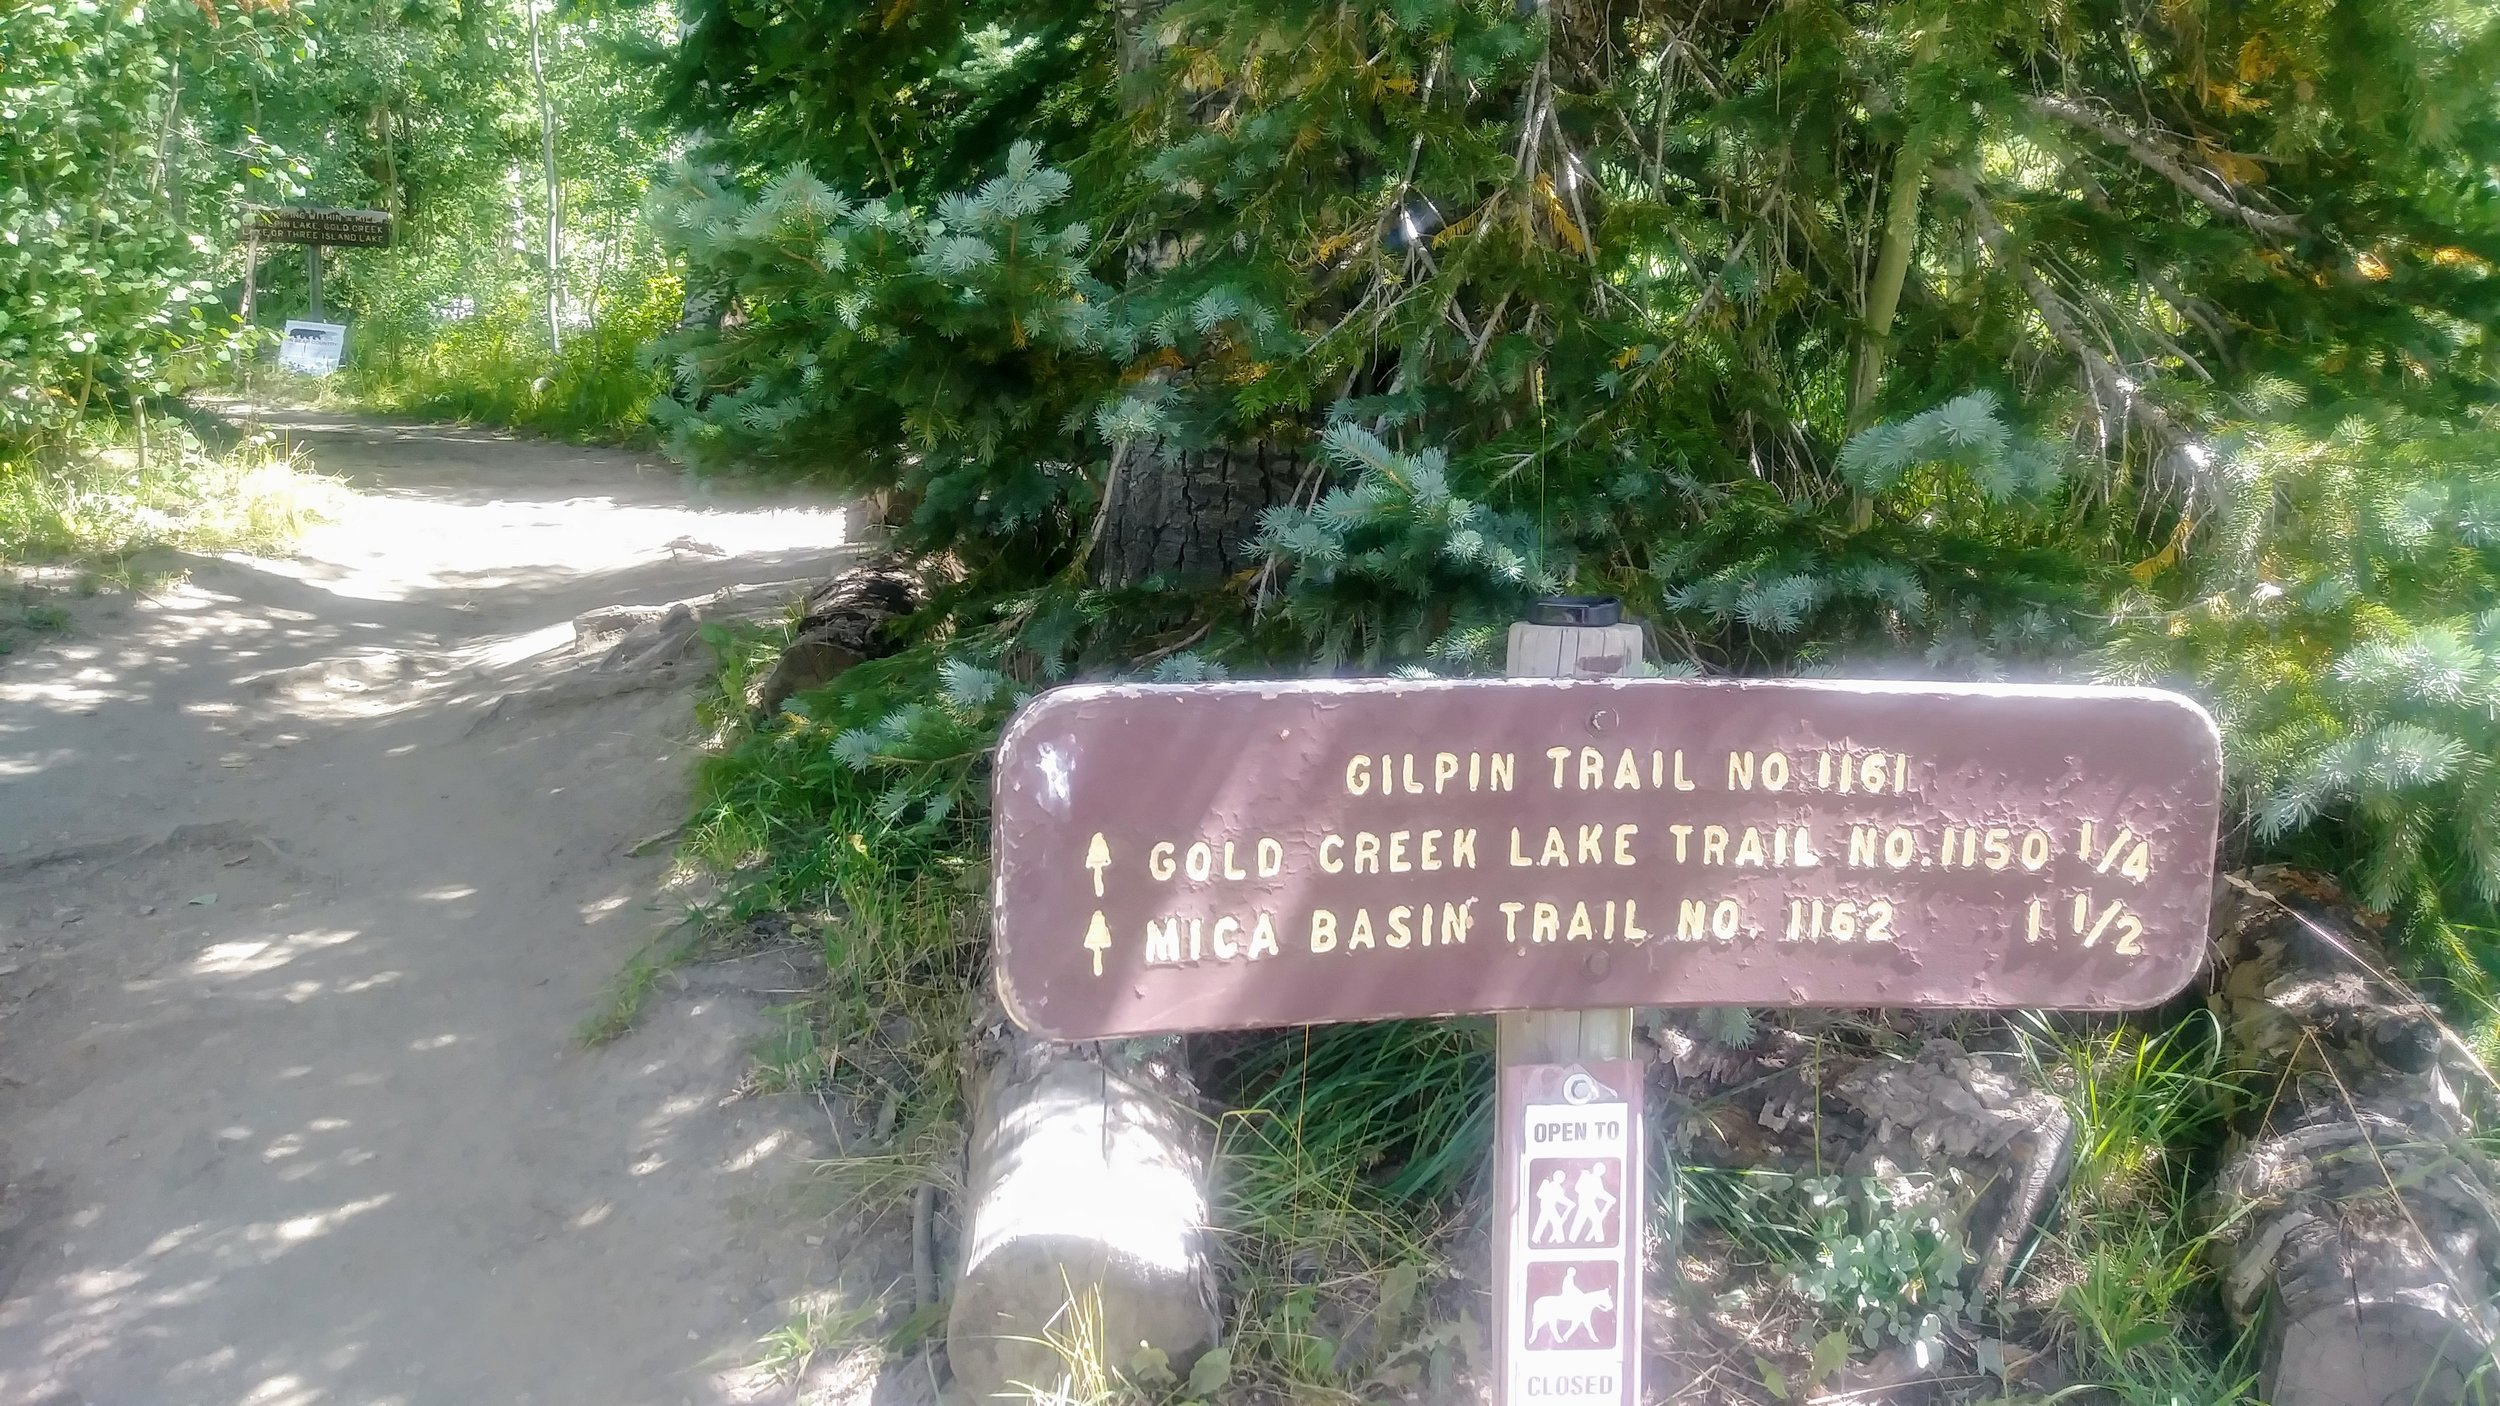 Sign at Gilpin Trailhead